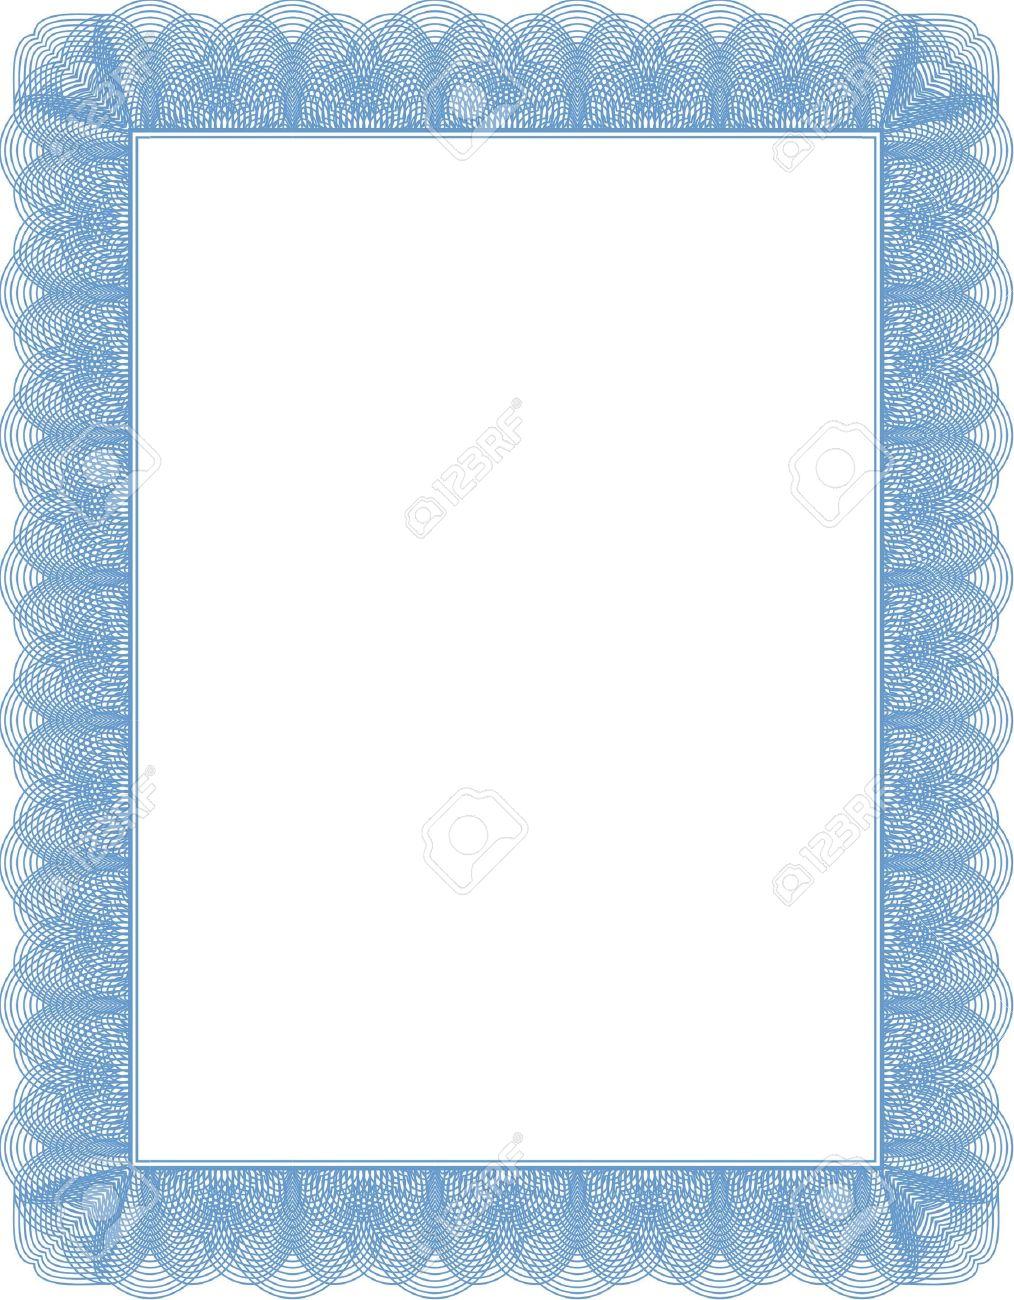 Certificate diploma template pasoevolist certificate diploma template 1betcityfo Gallery